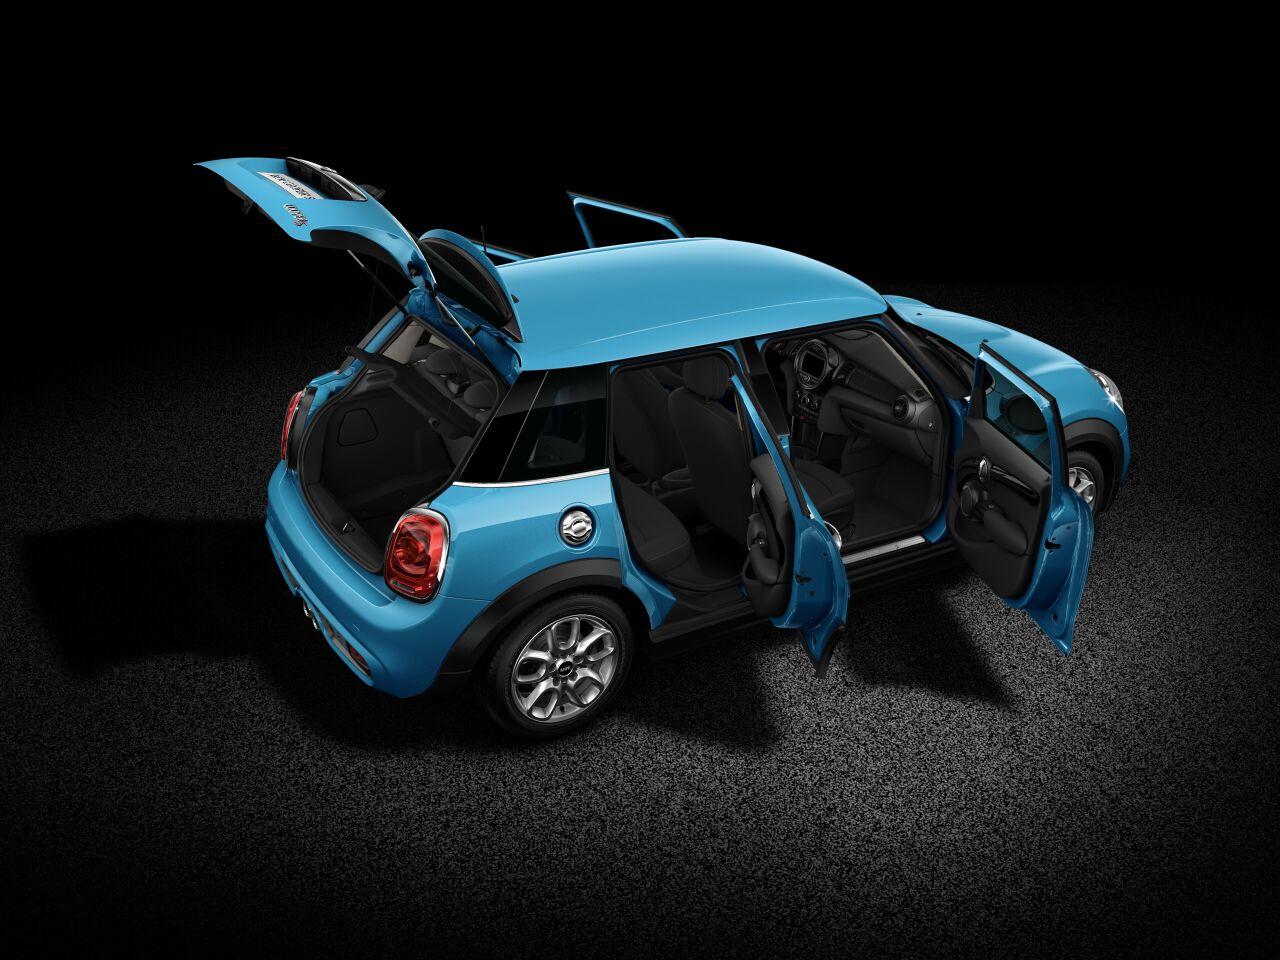 MINI Cooper S 5 Door フルオープンボディの外観